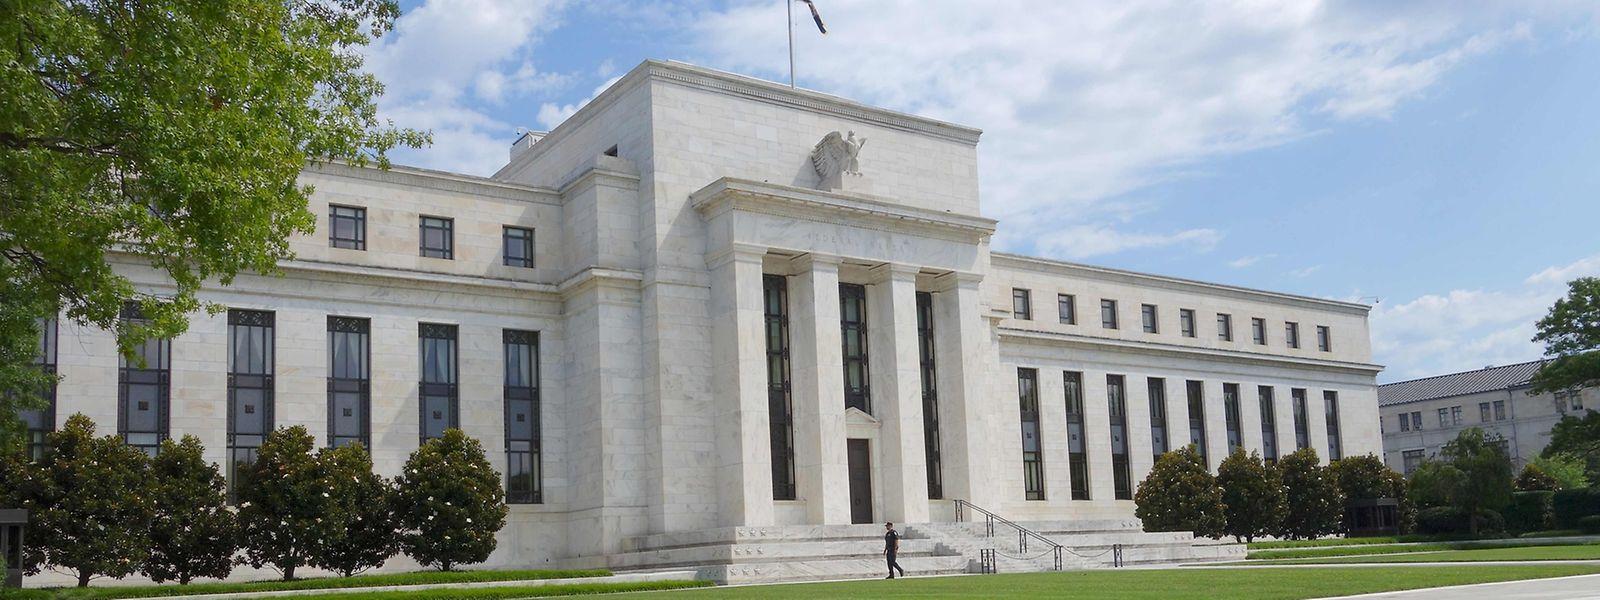 Das Gebäude der Federal Reserve in Washington.